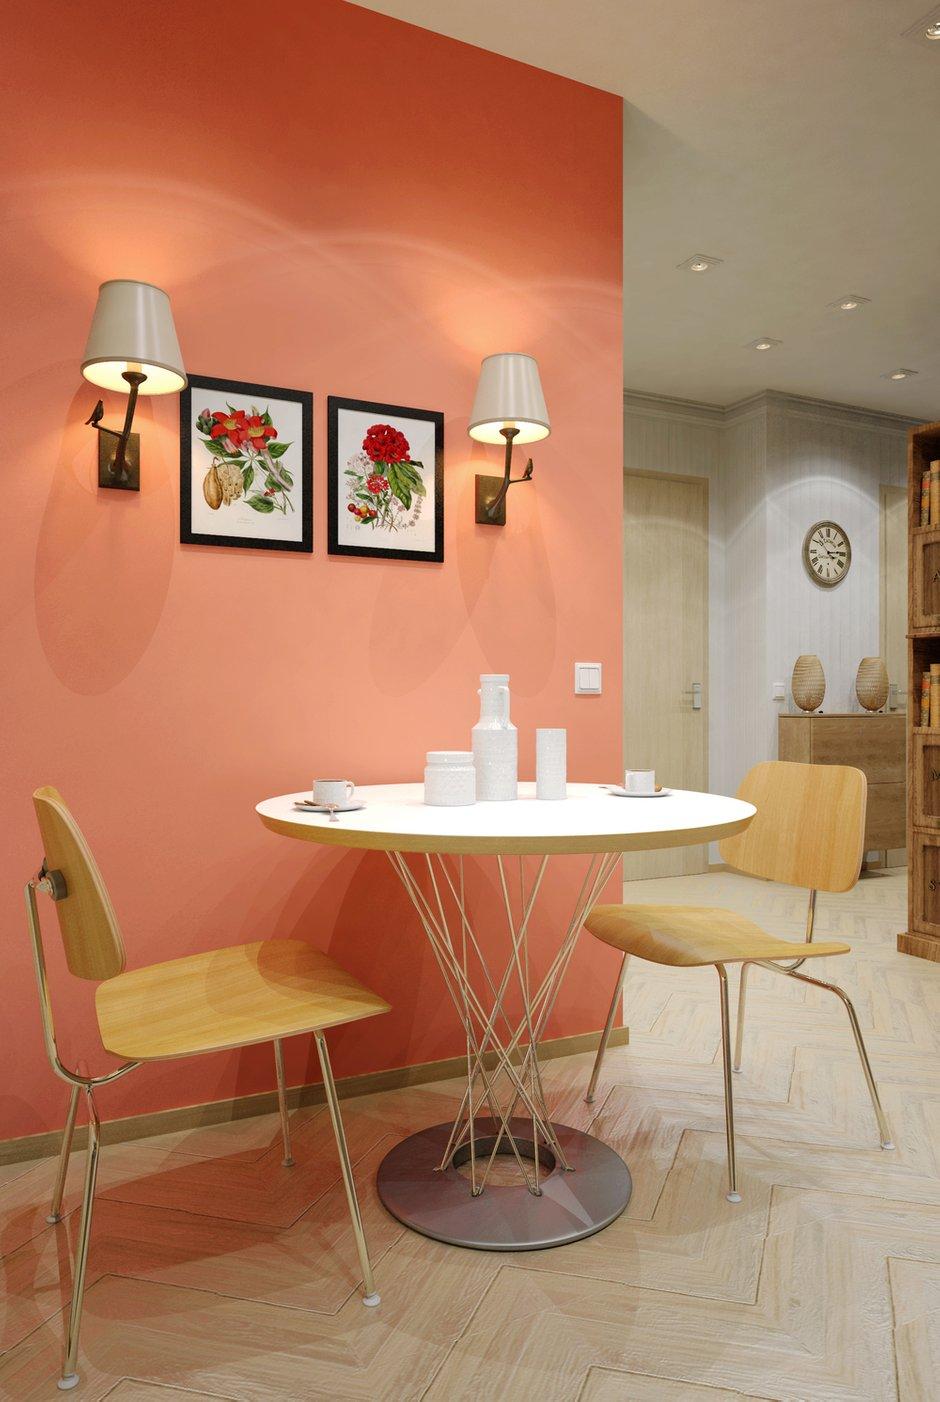 Фотография: Кухня и столовая в стиле Современный, Малогабаритная квартира, Квартира, Дома и квартиры, Перепланировка – фото на INMYROOM